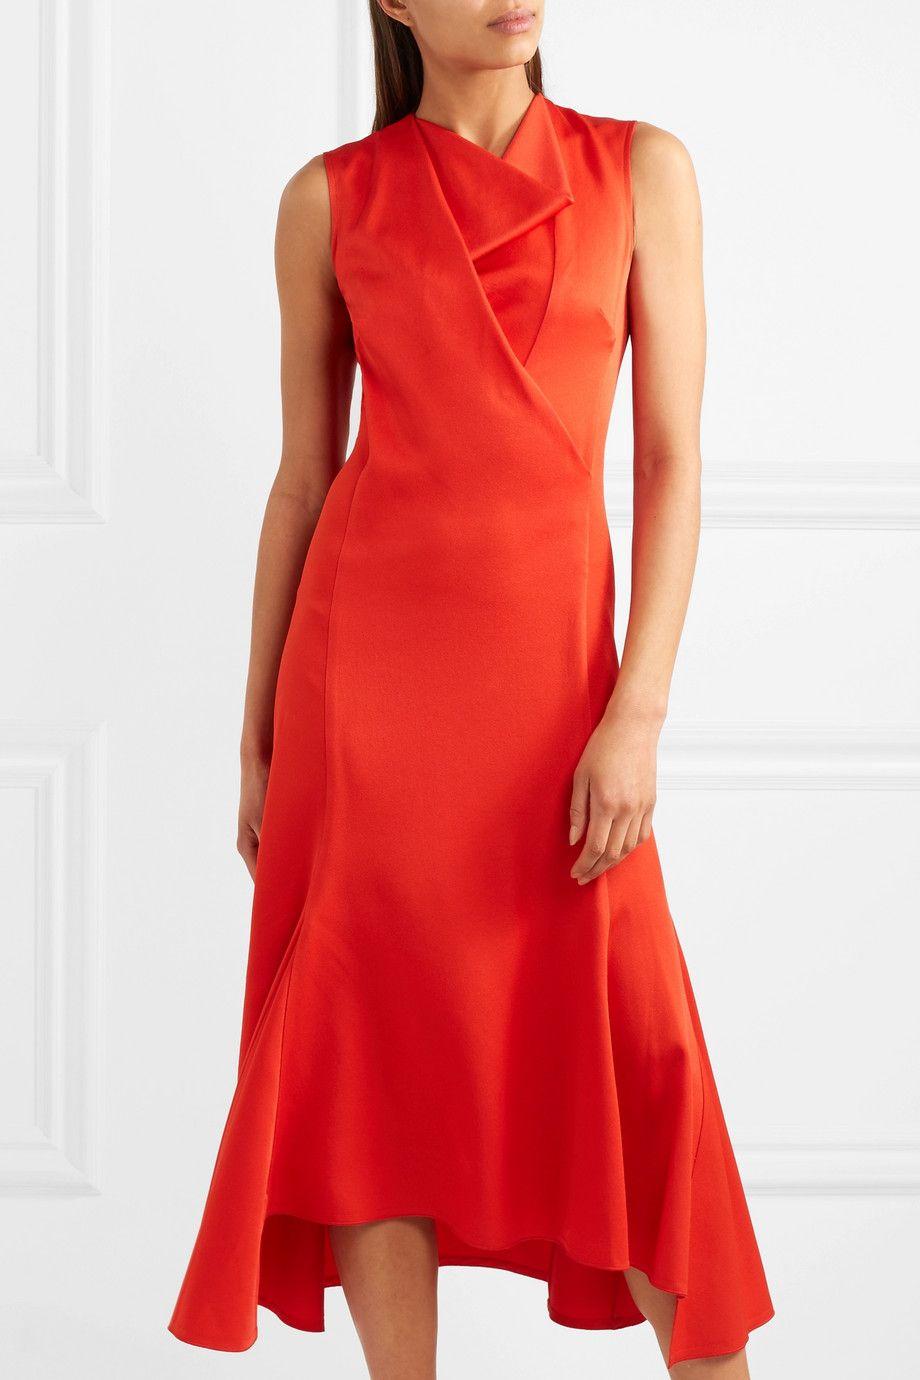 Draped Crepe Midi Dress - Red Victoria Beckham OgwNPi8V